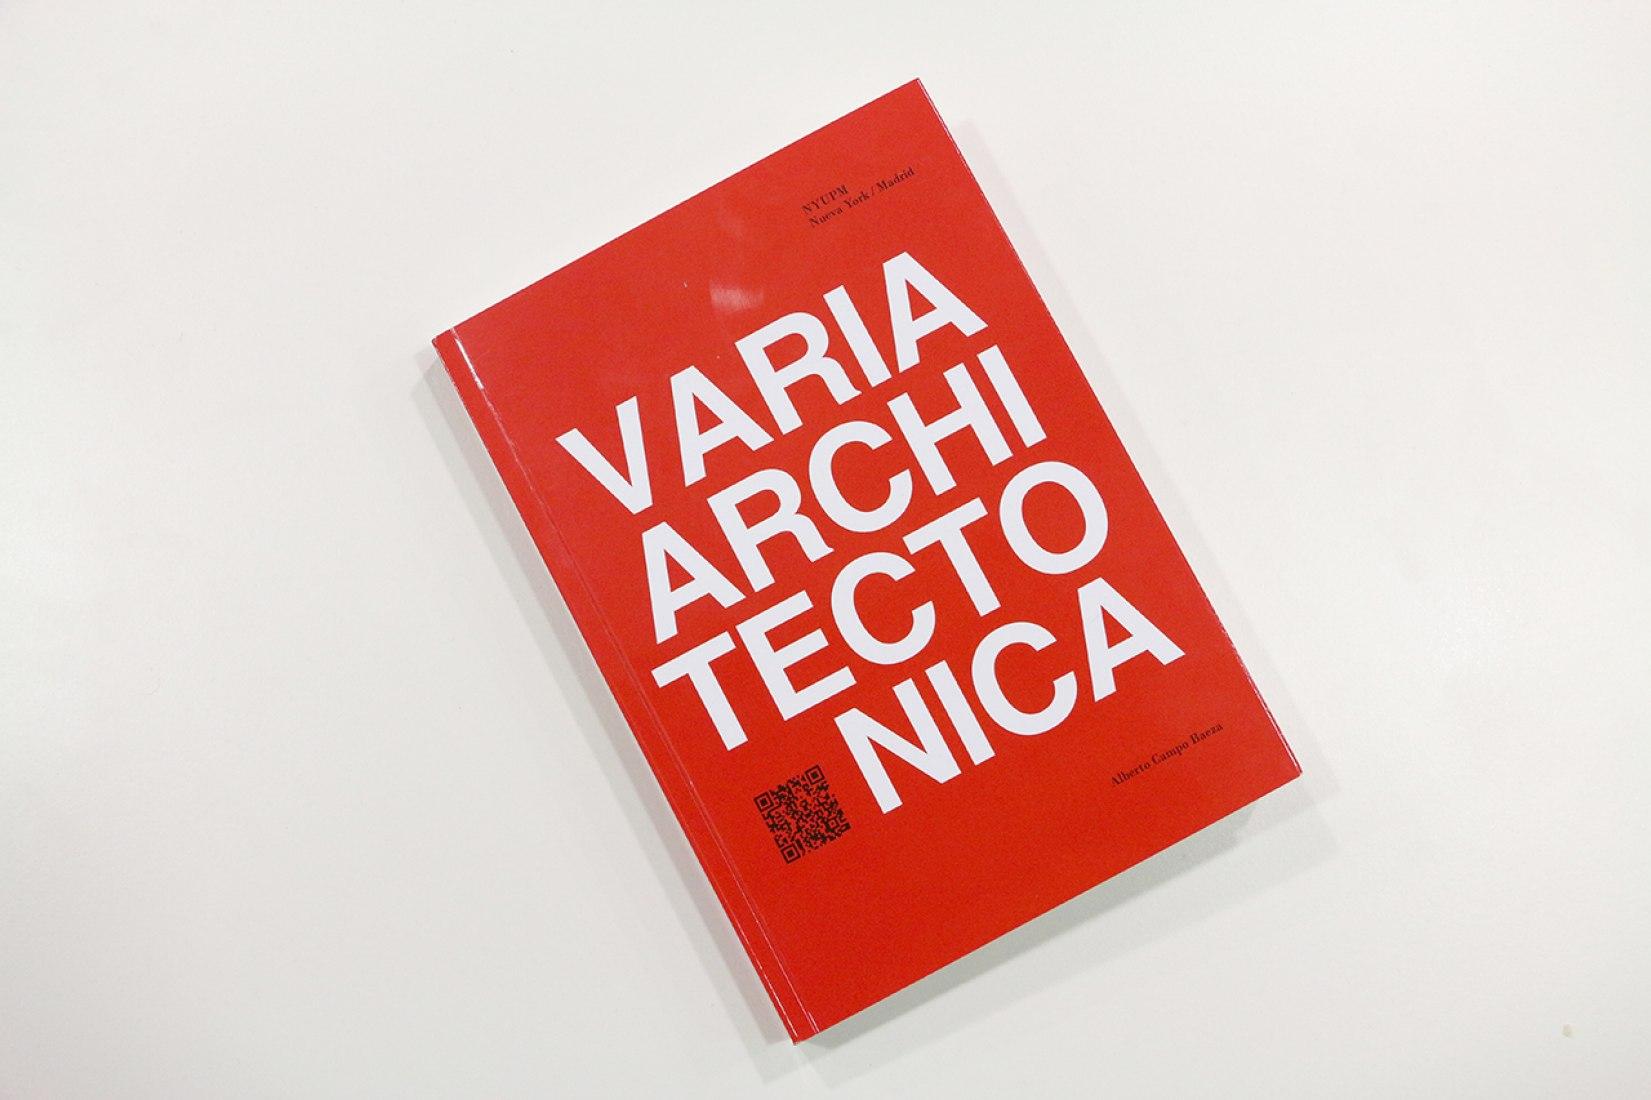 Cubierta del libro Varia Architectonica por Alberto Campo Baeza.